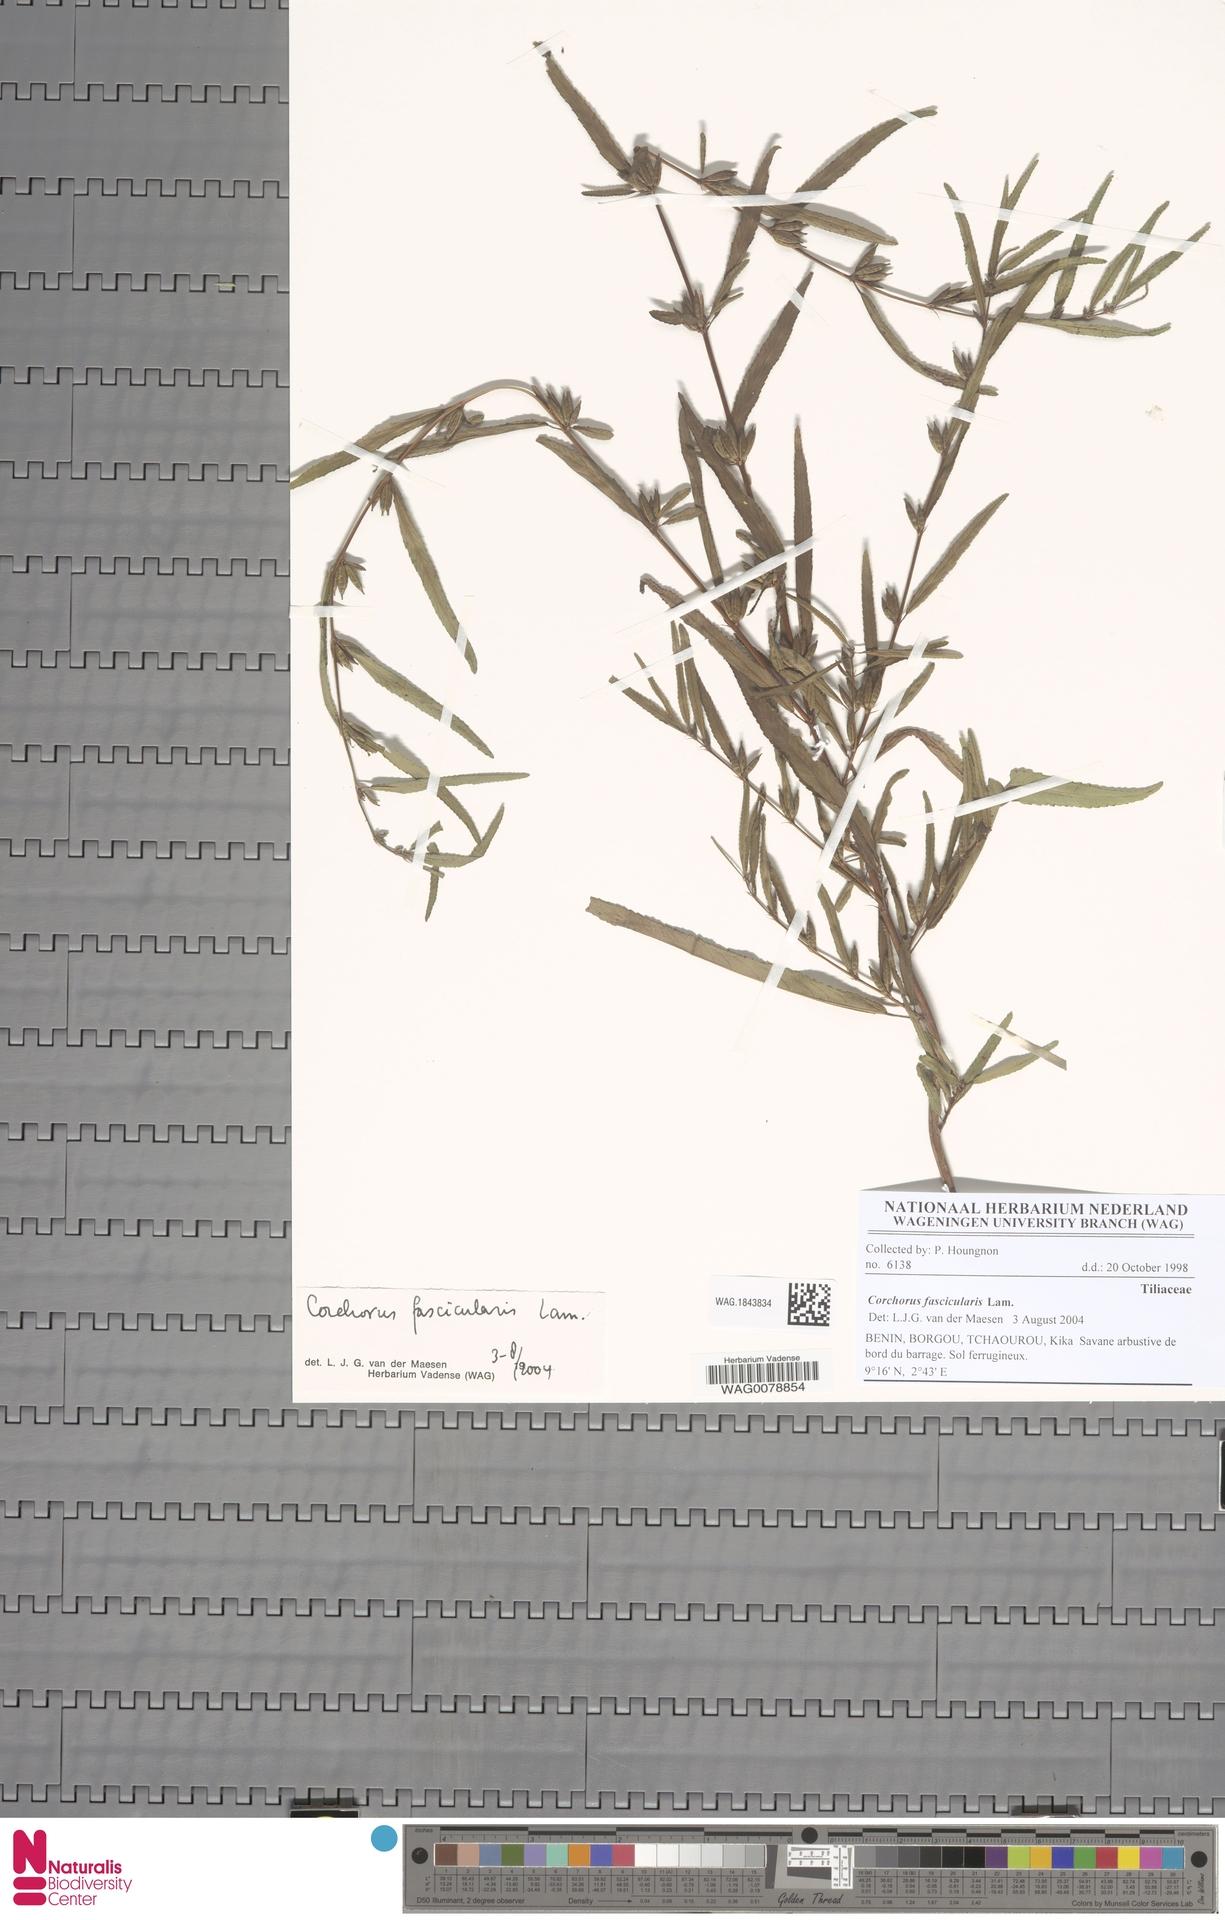 WAG.1843834 | Corchorus fascicularis Lam.